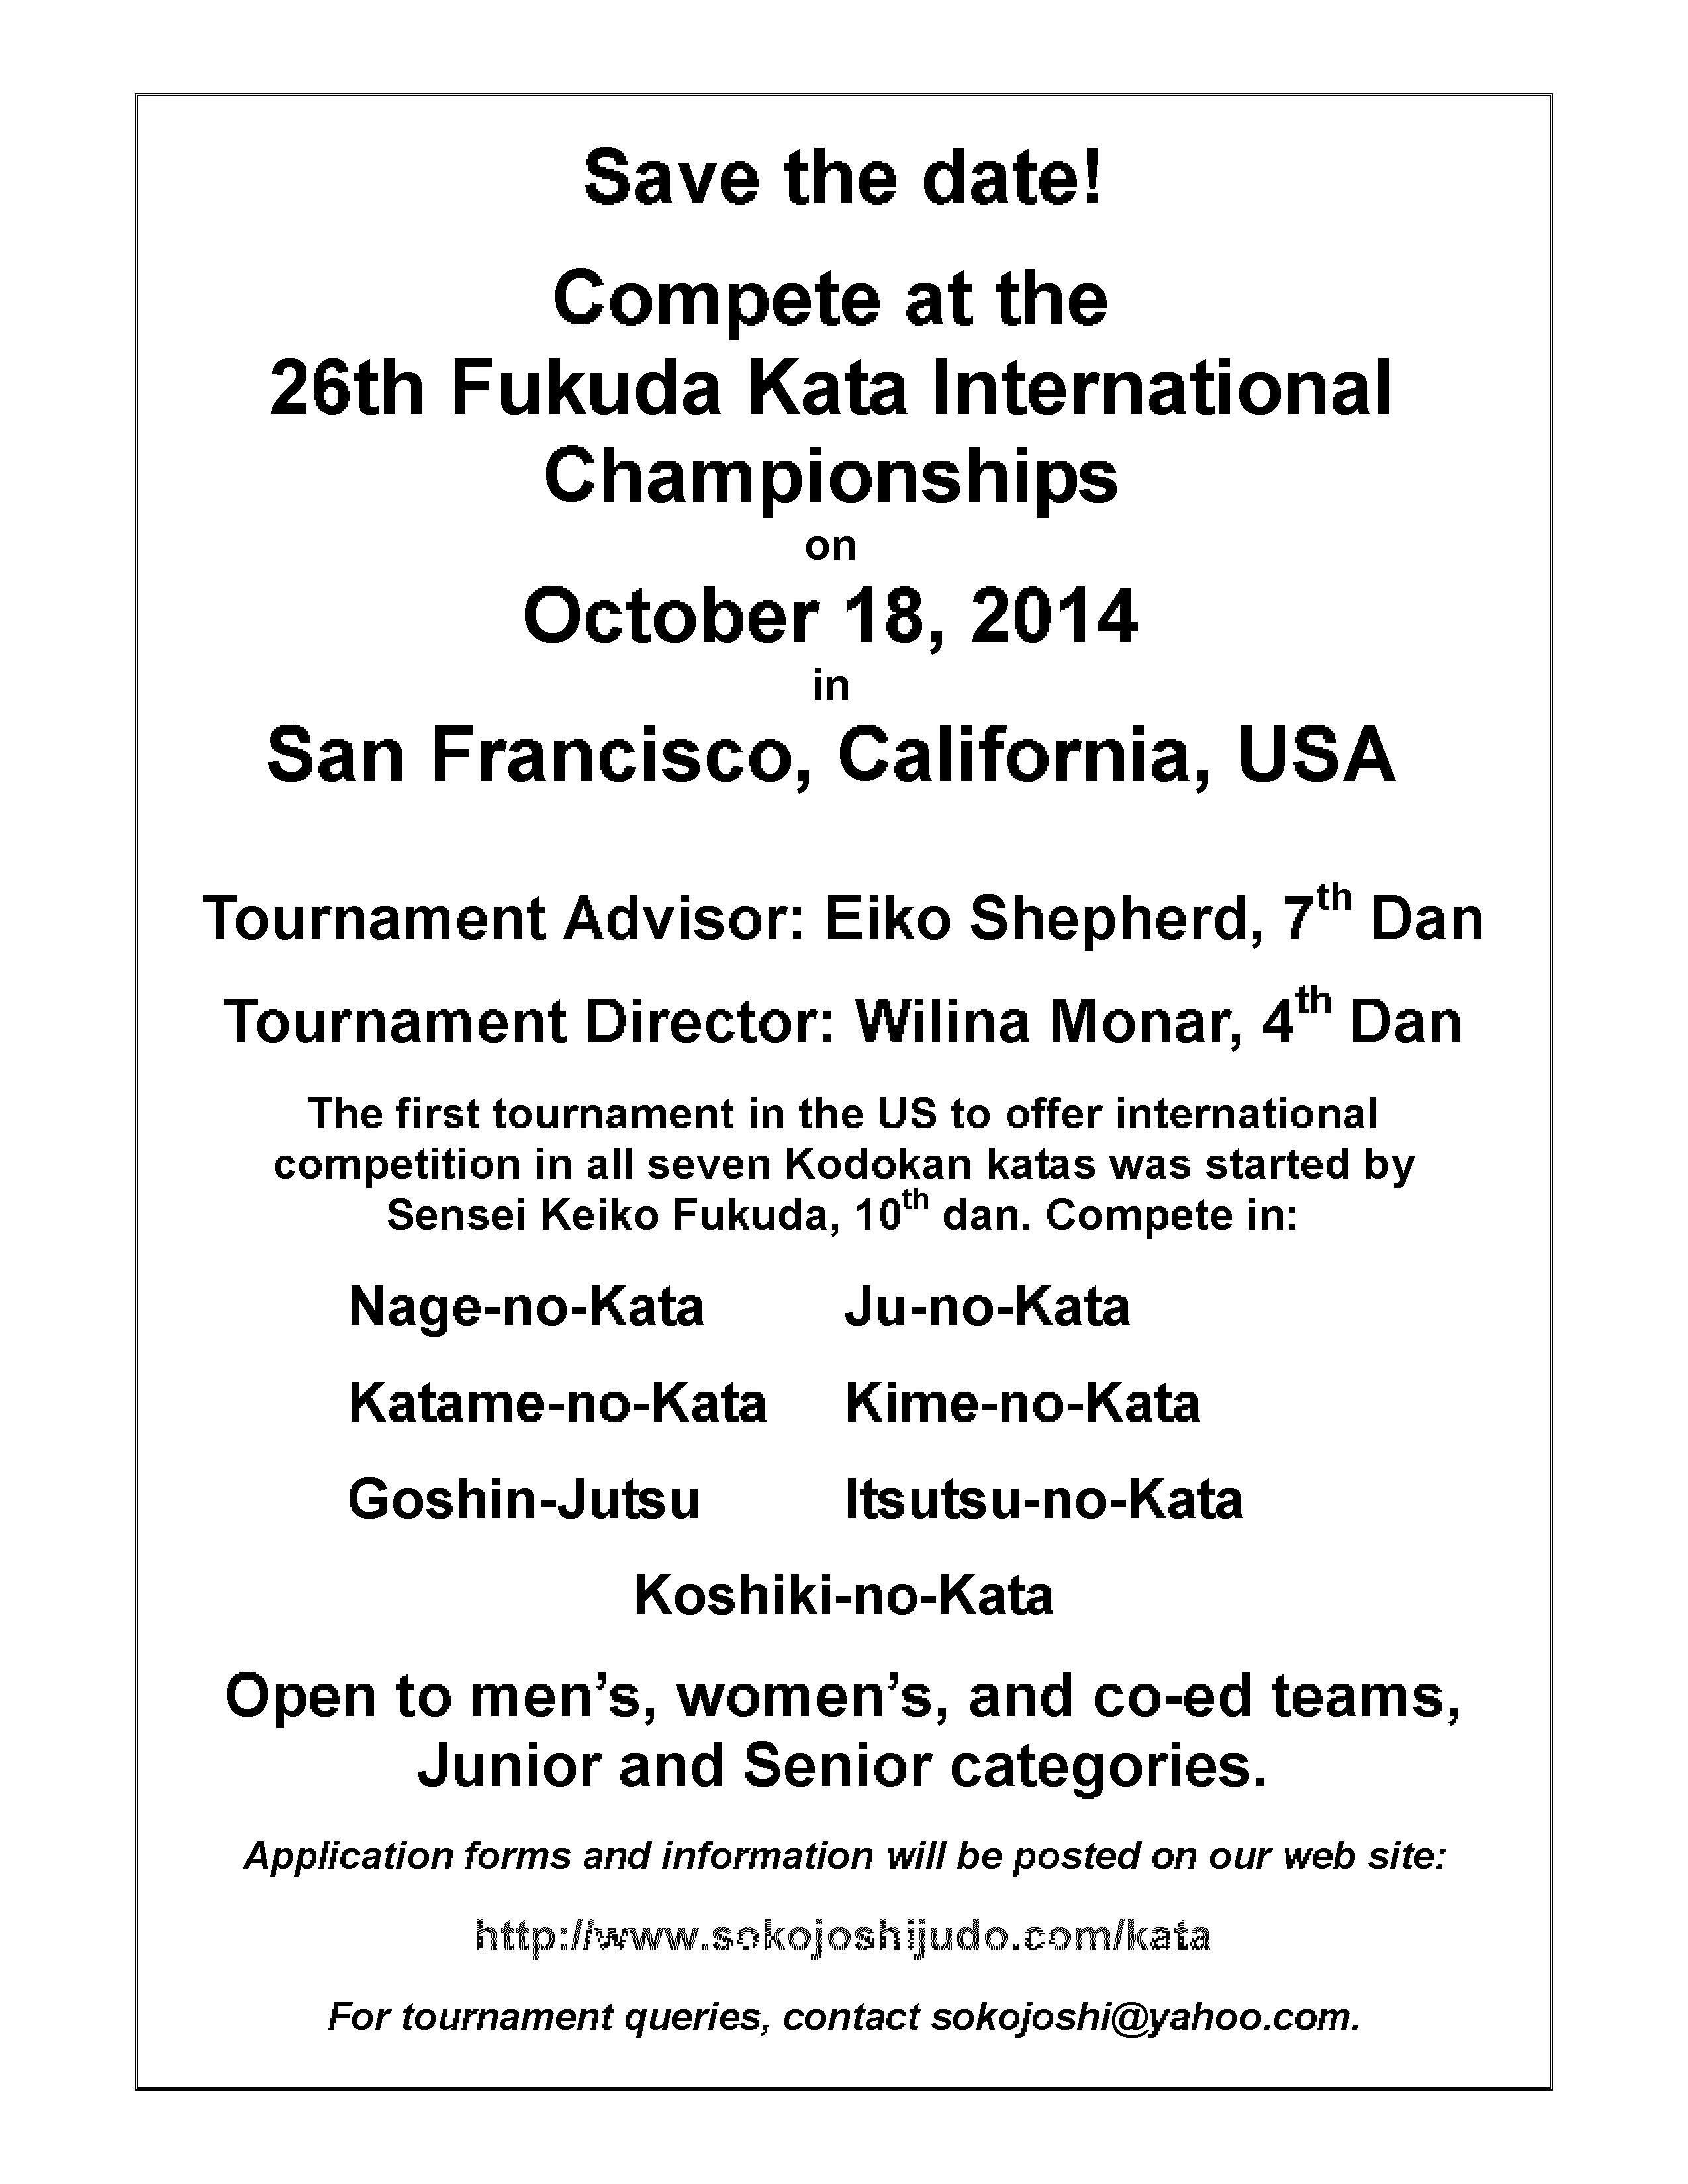 Tournament details